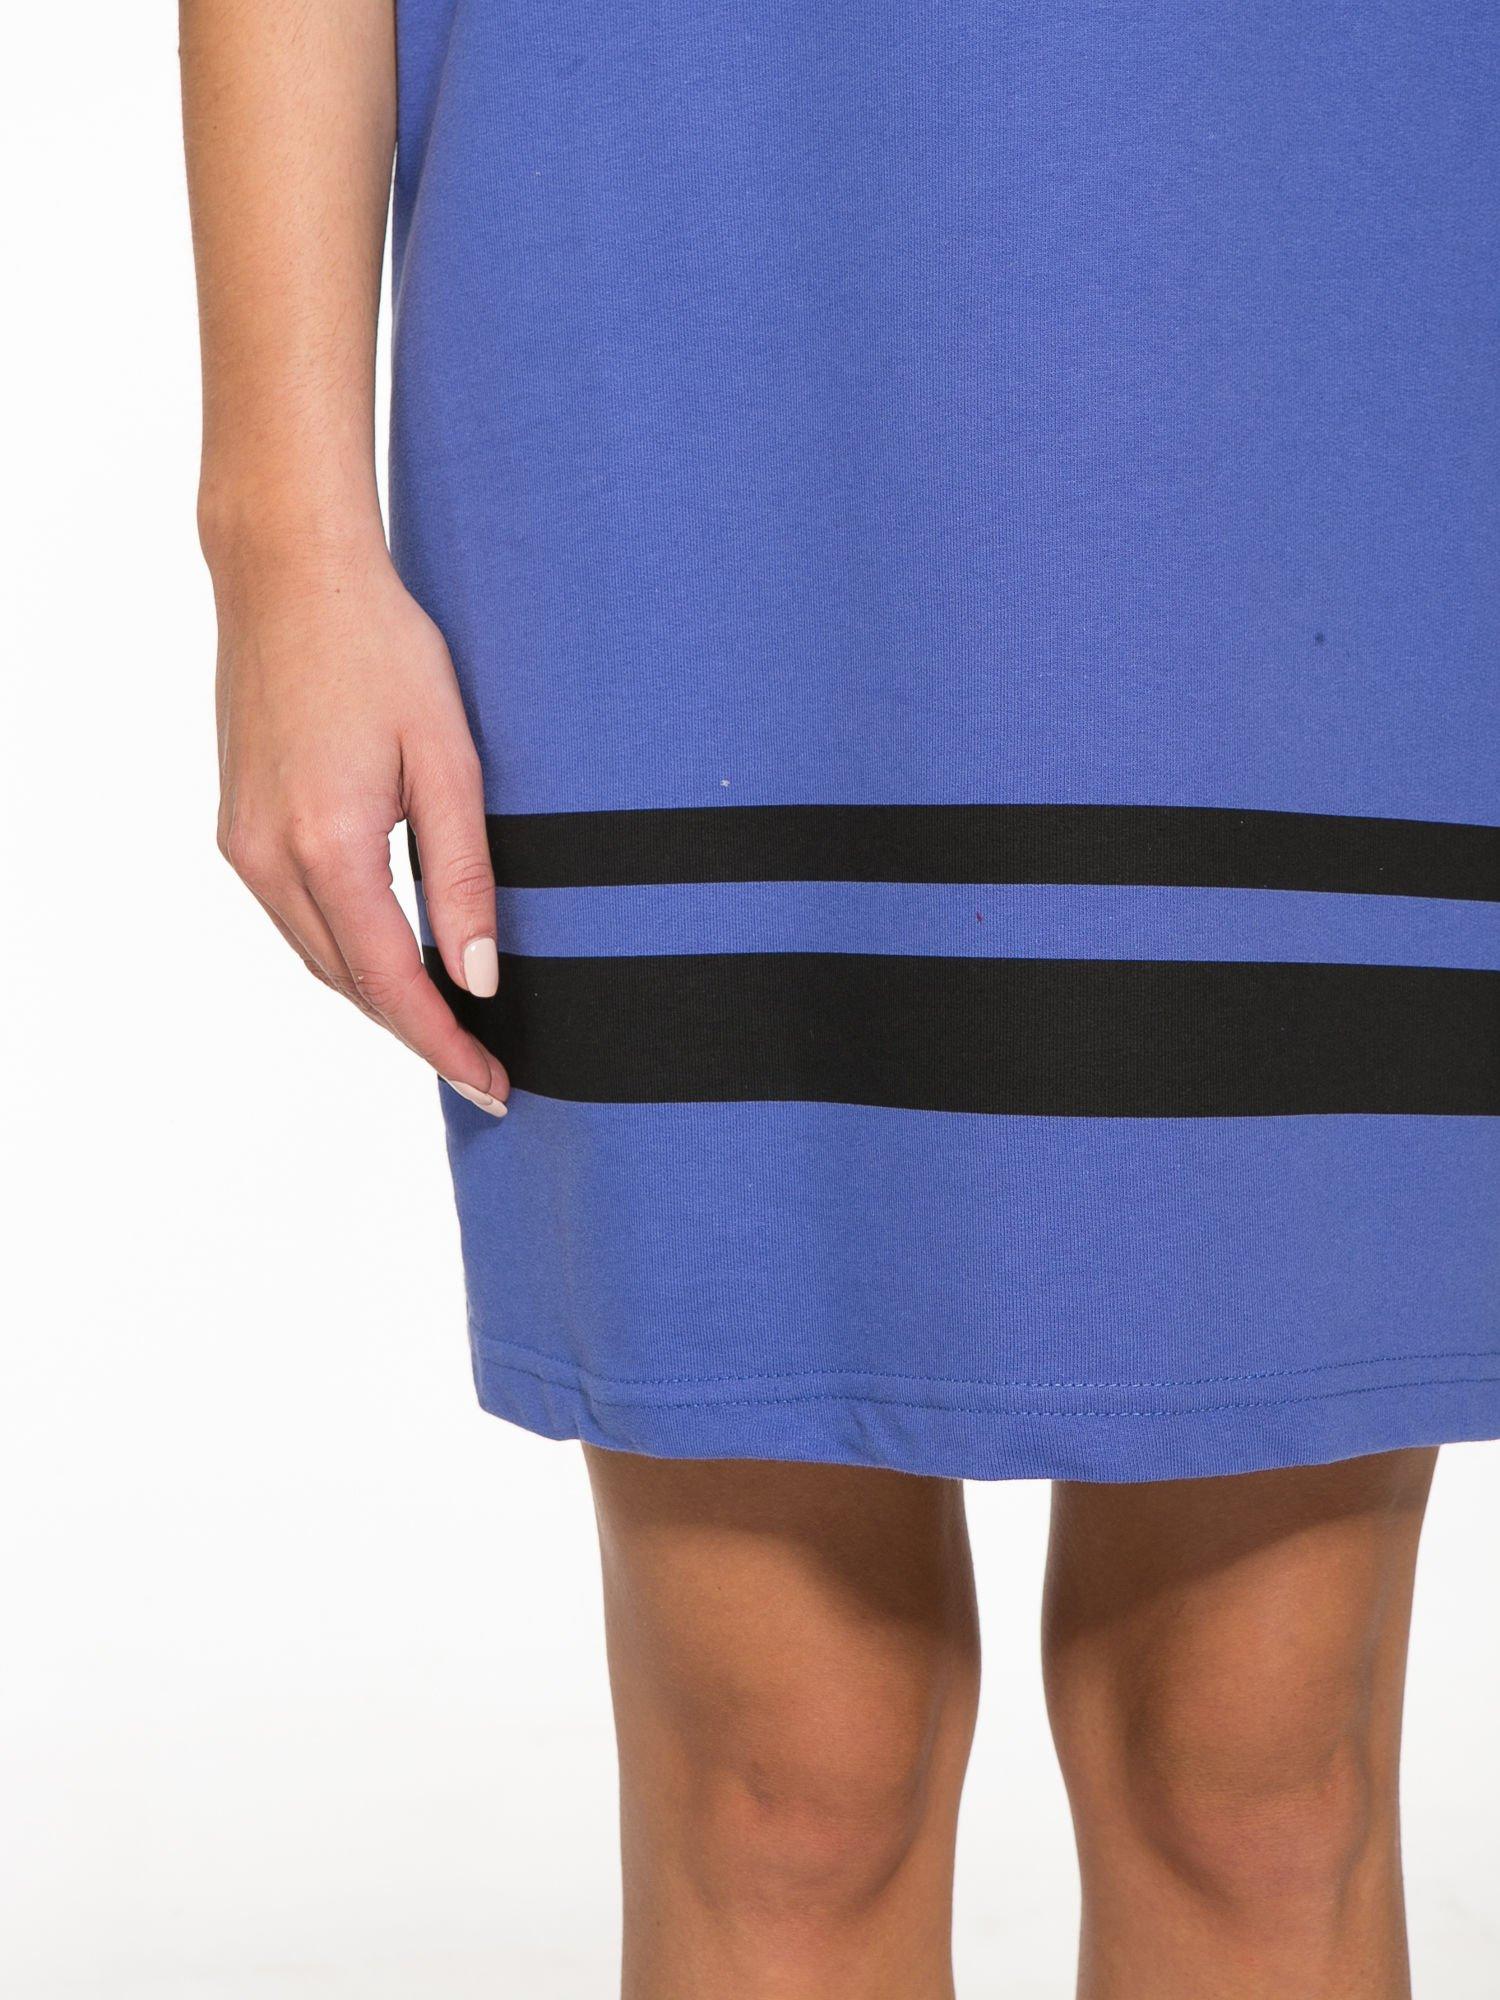 Fioletowa sukienka z napisem NOIR w stylu sportowym                                  zdj.                                  7